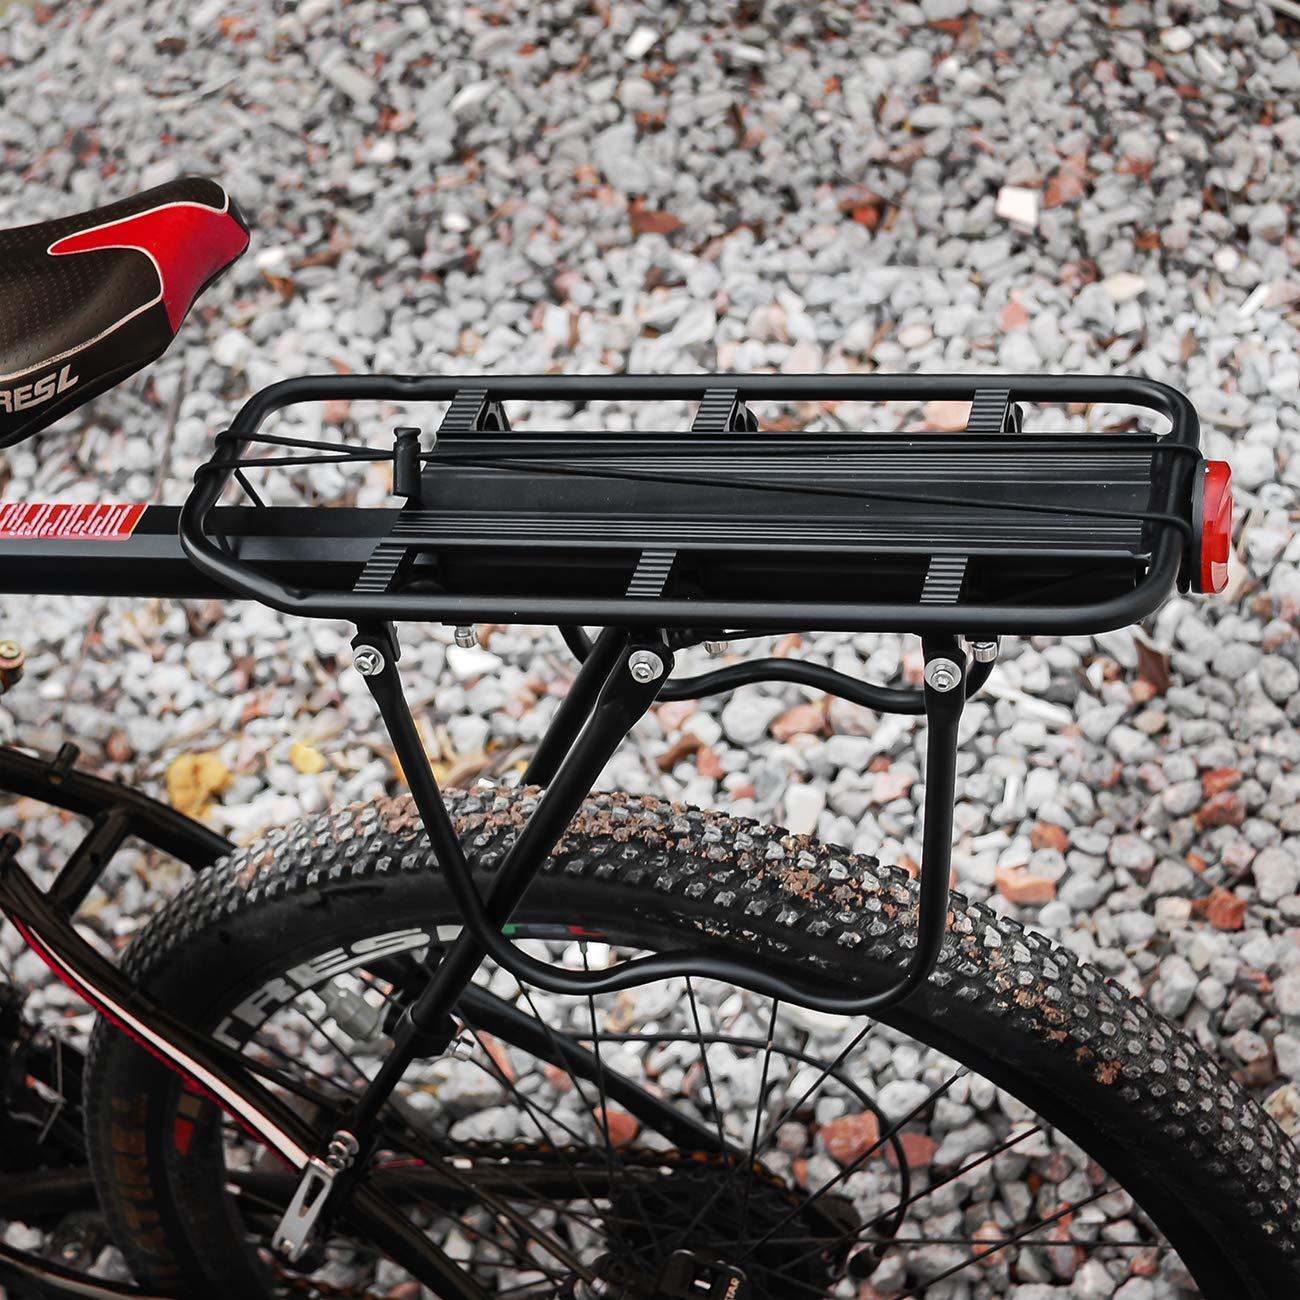 Carico Massimo 90 kg Lega di Alluminio Regolabile Portapacchi Bicicletta Portapacchi Posteriore Bici con Riflettore EKKONG Portapacchi Bici MTB